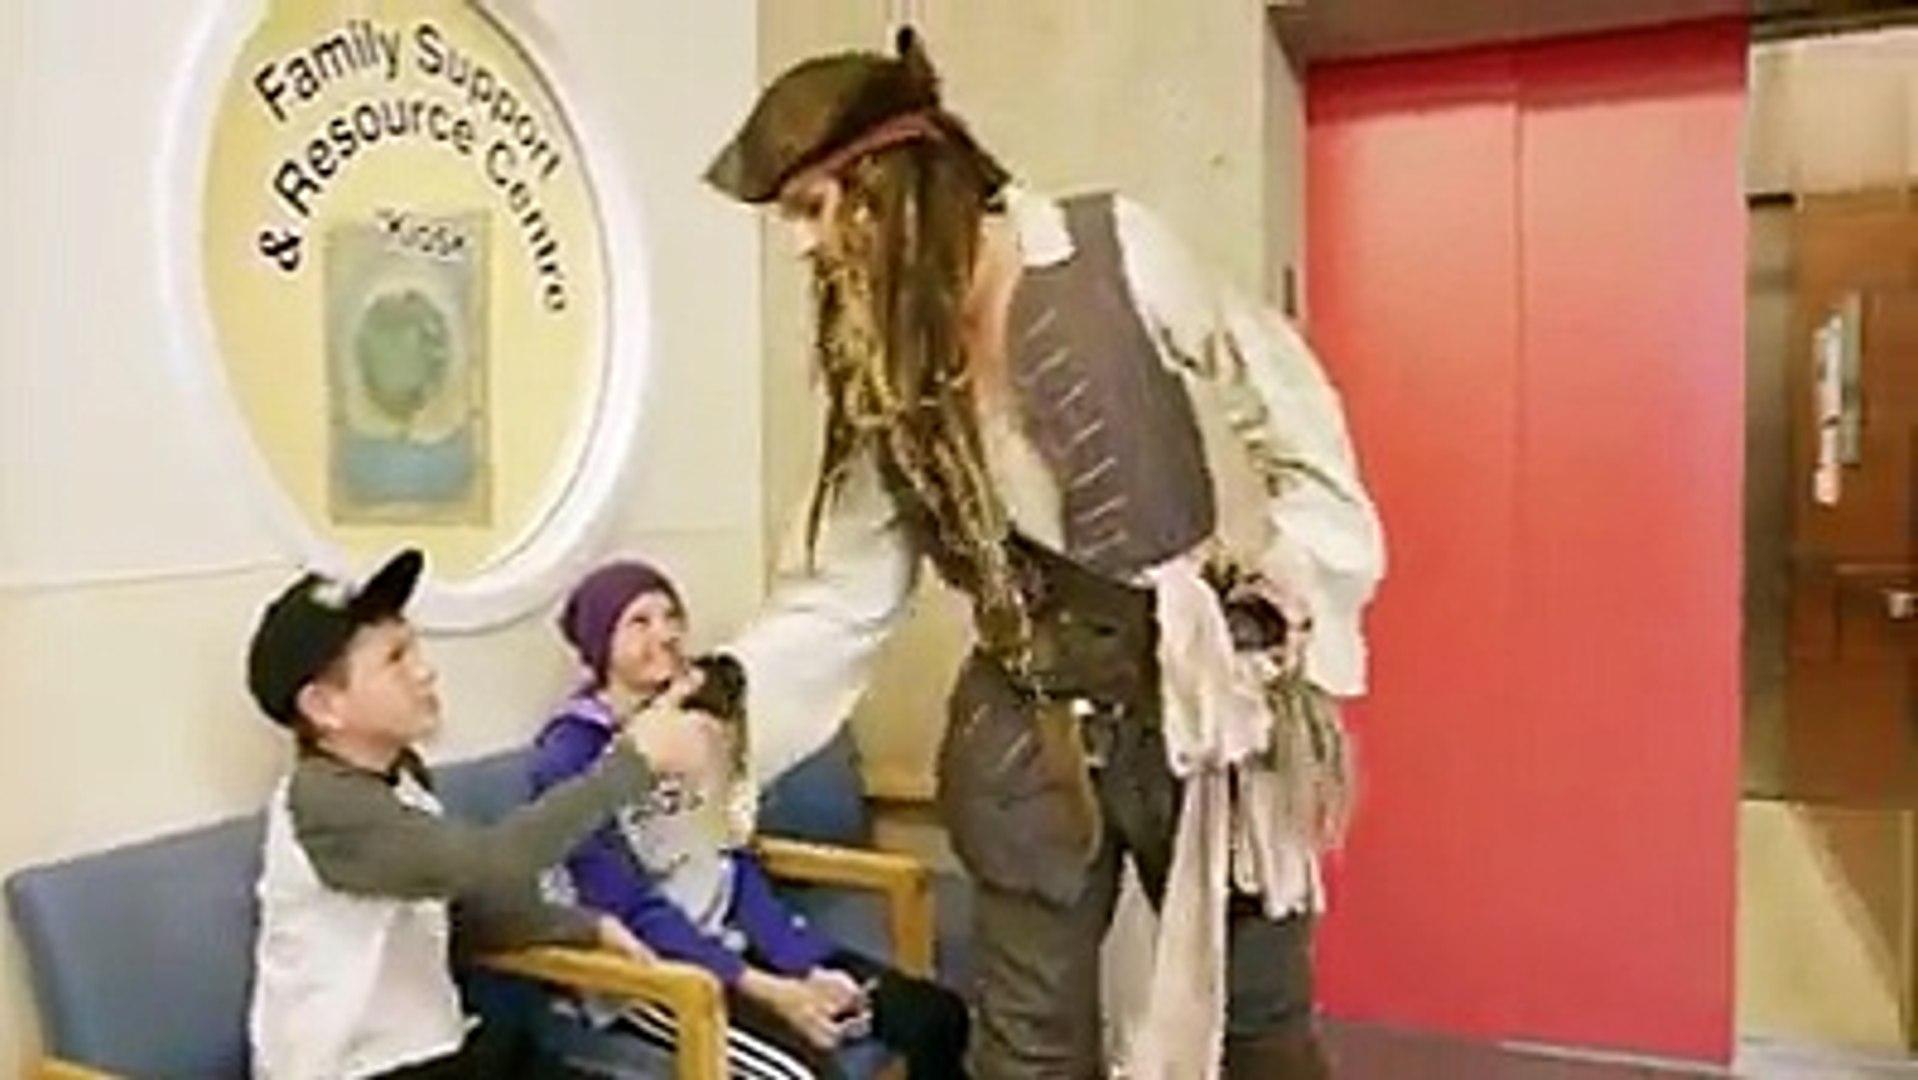 Johnny Depp surprend les enfants à l'hôpital habillé en pirate Jack Sparrow